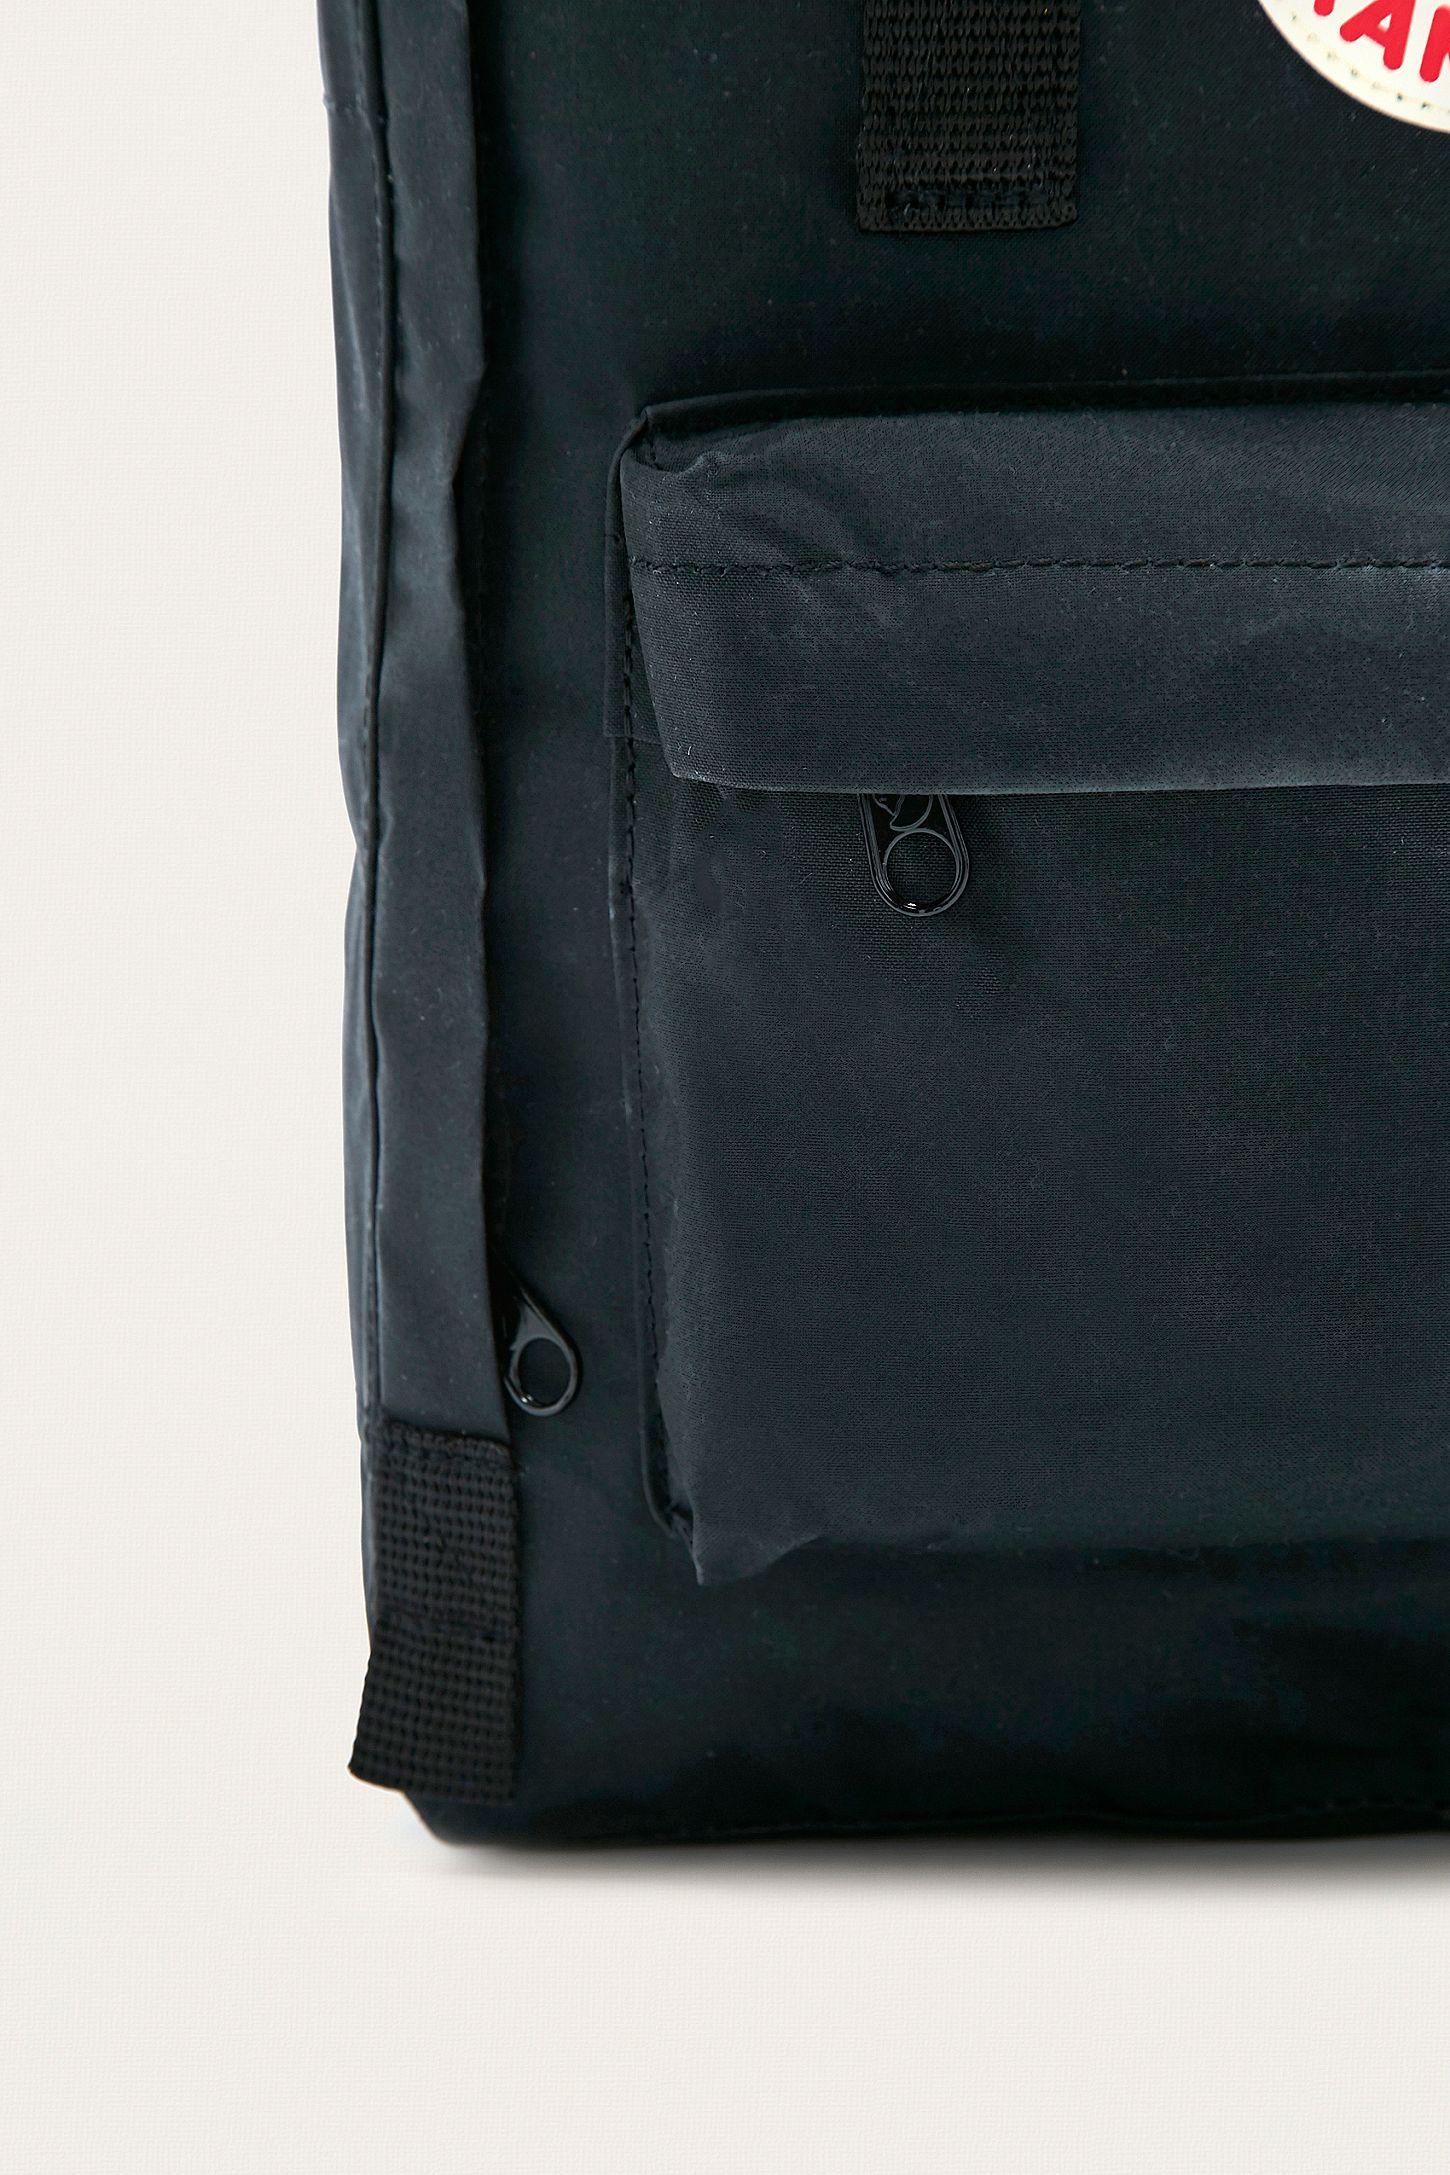 Kanken Backpack All Black Fjallraven No2 Full